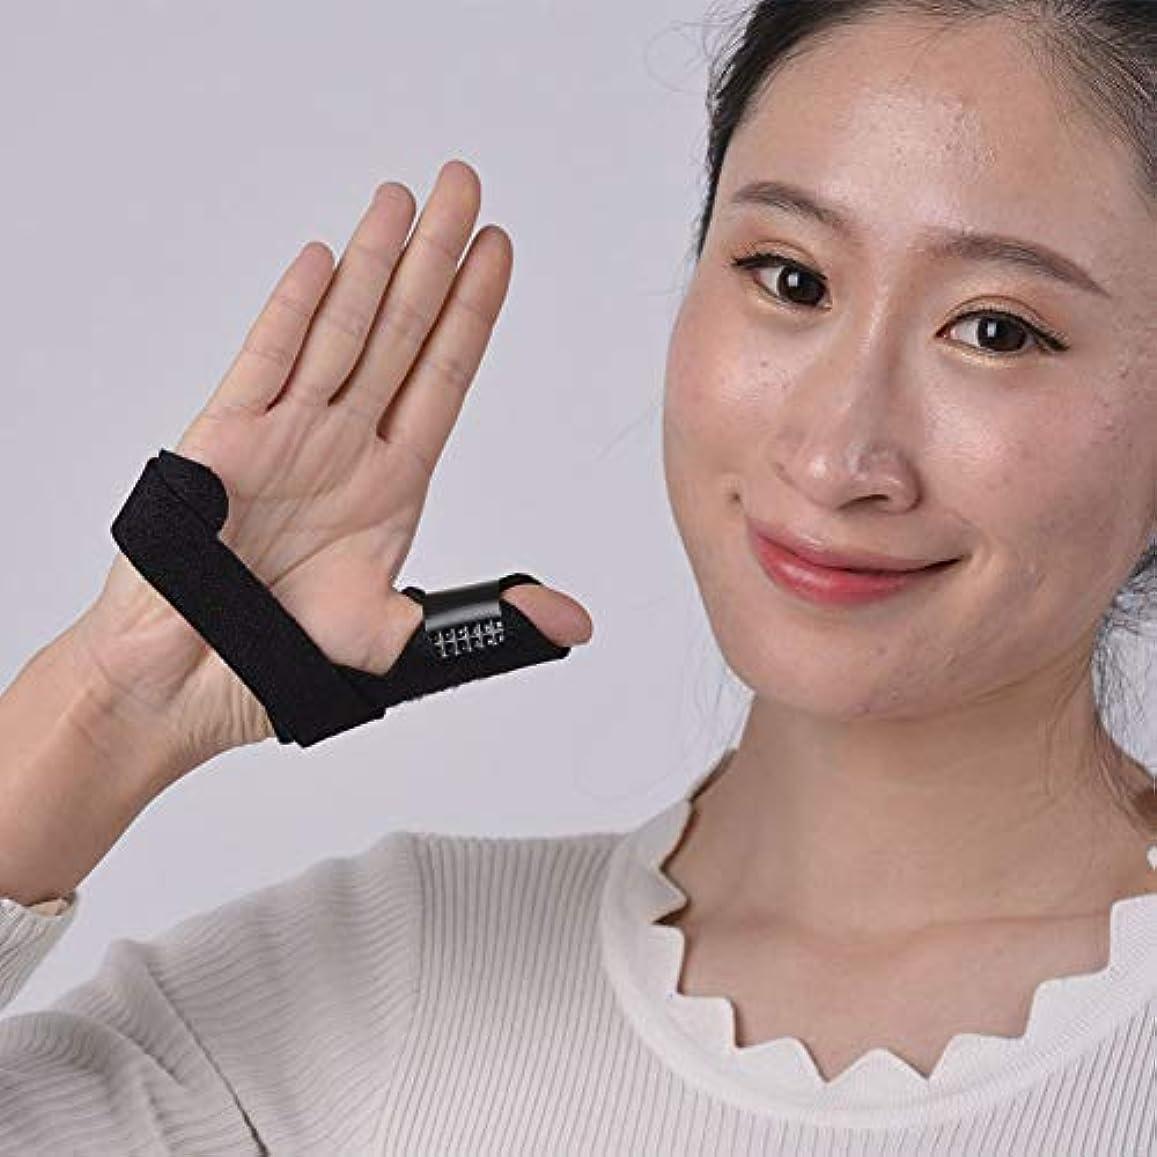 帝国主義トーク申し込む引き金指関節炎靭帯の痛み指骨折創傷術後のケアと痛みを軽減するための指ストレイテナー固定副木